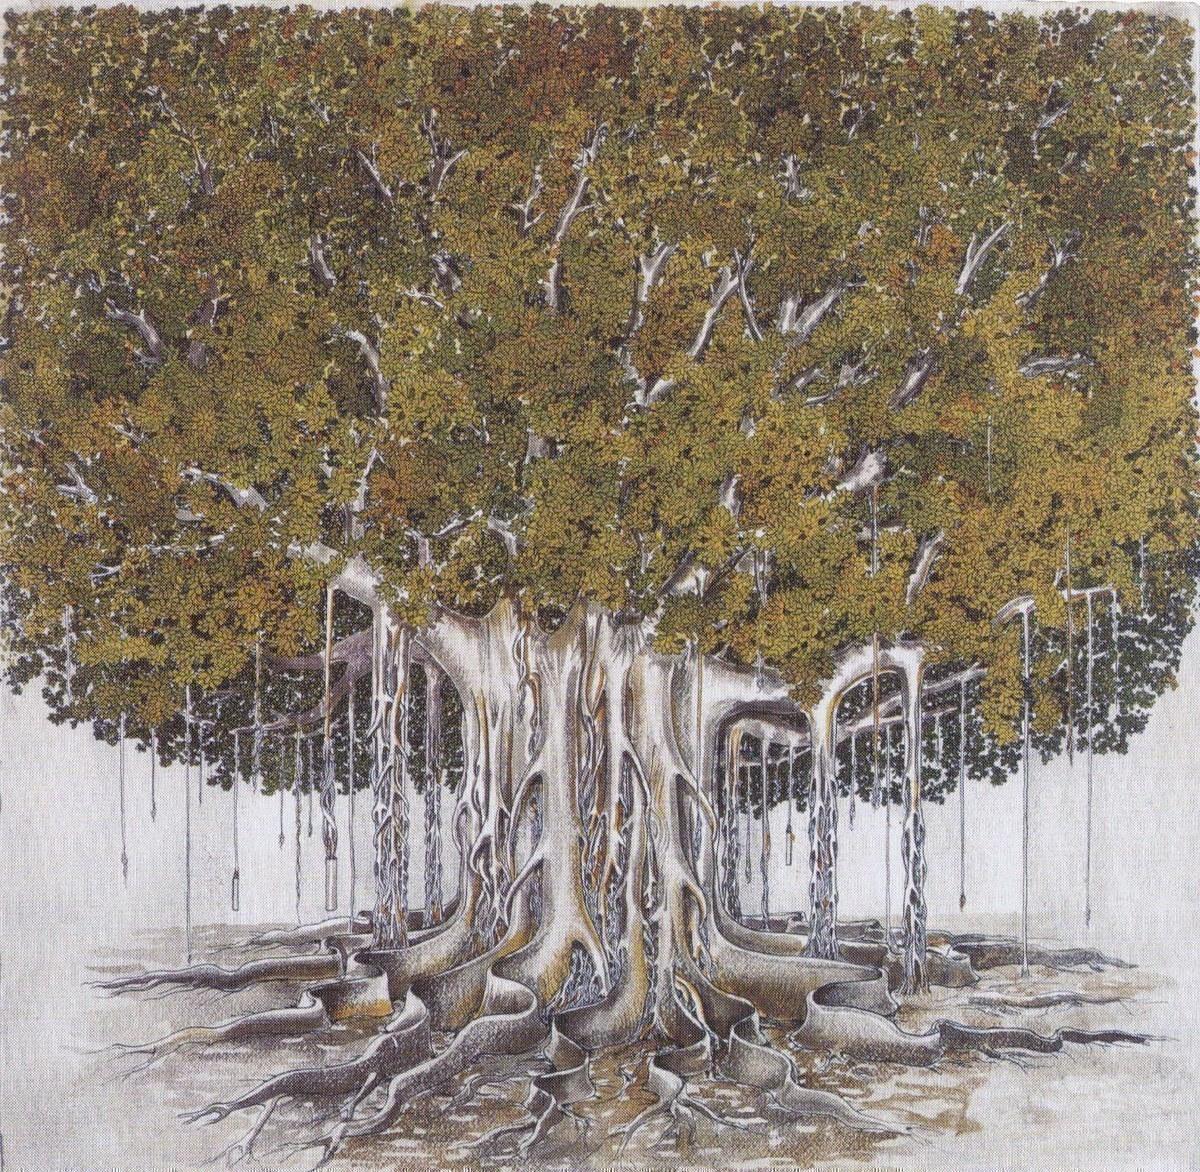 Bruno Caruso, Il Ficus, disegno acquerellato, 1980